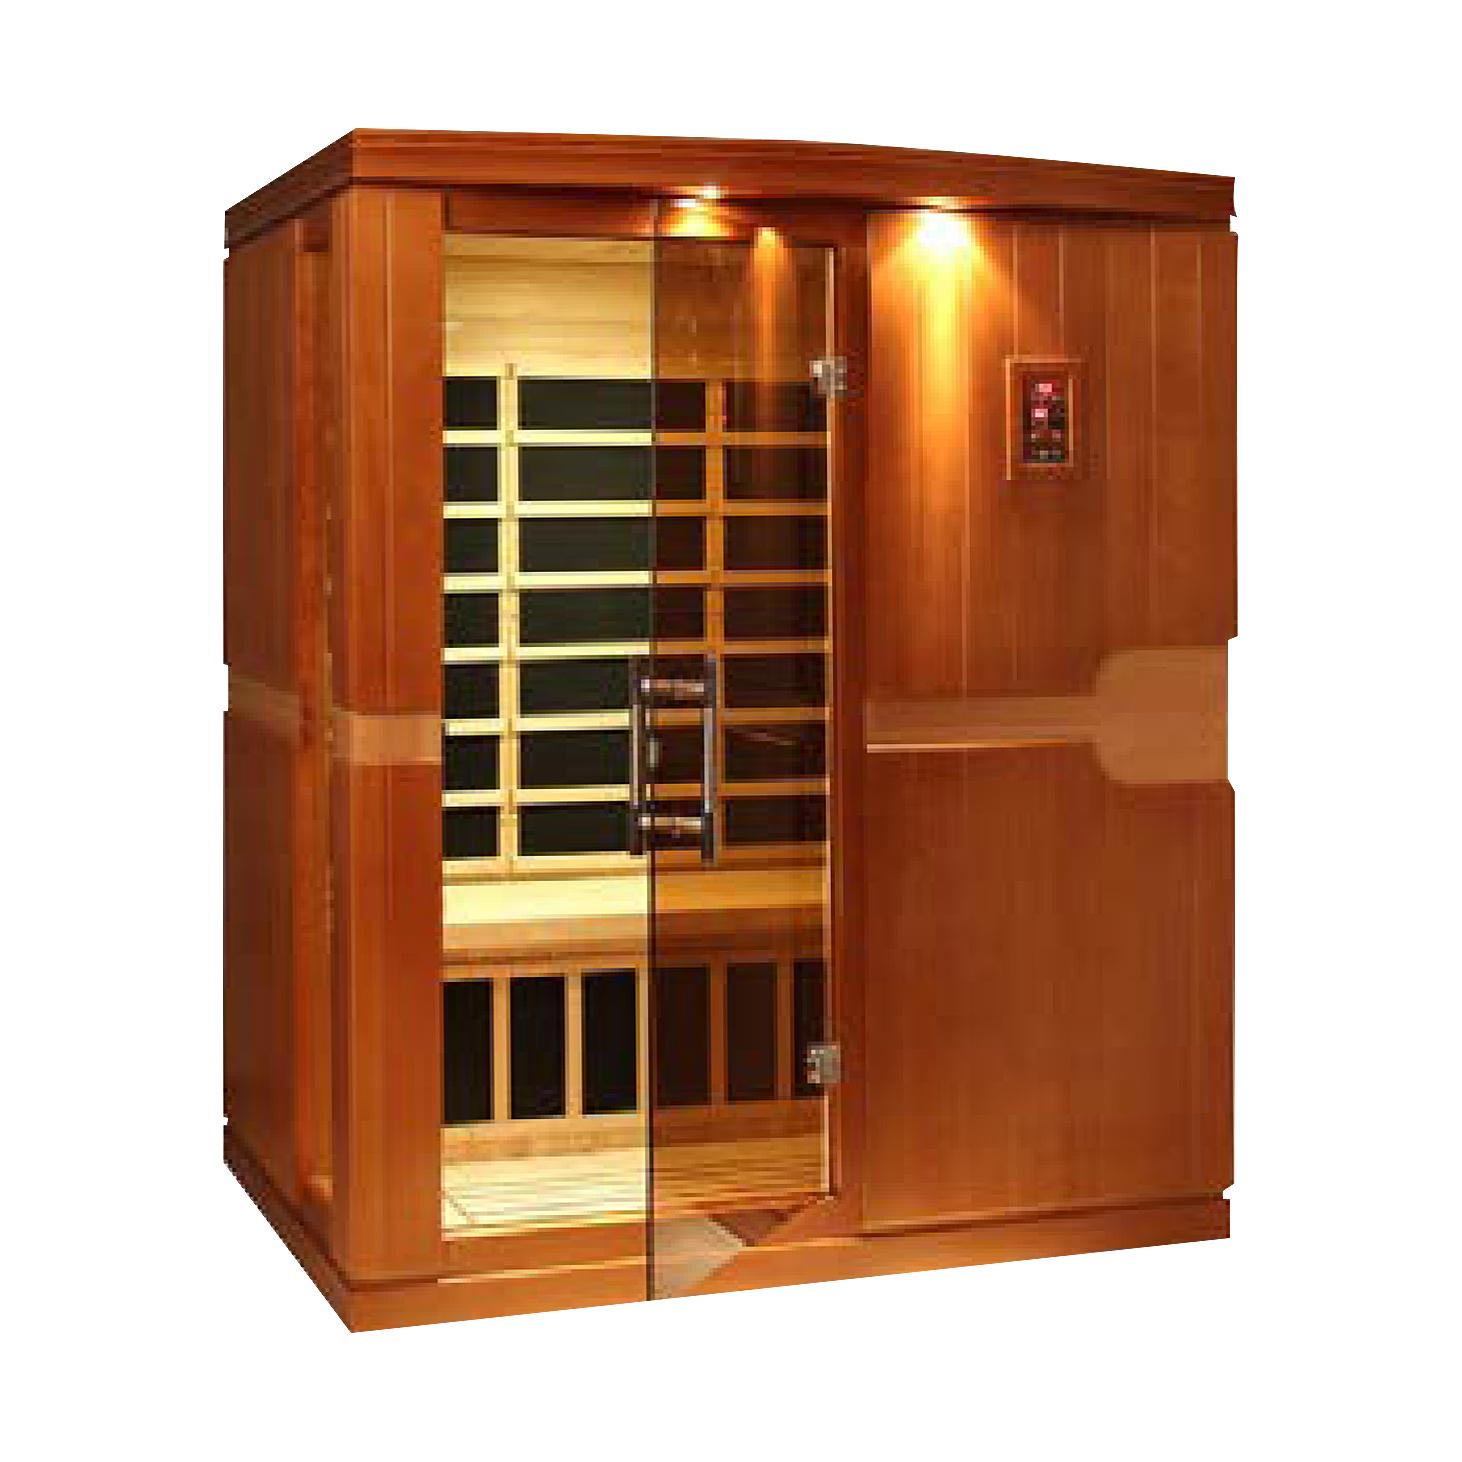 Finn-Core 4x5 Sauna.jpg